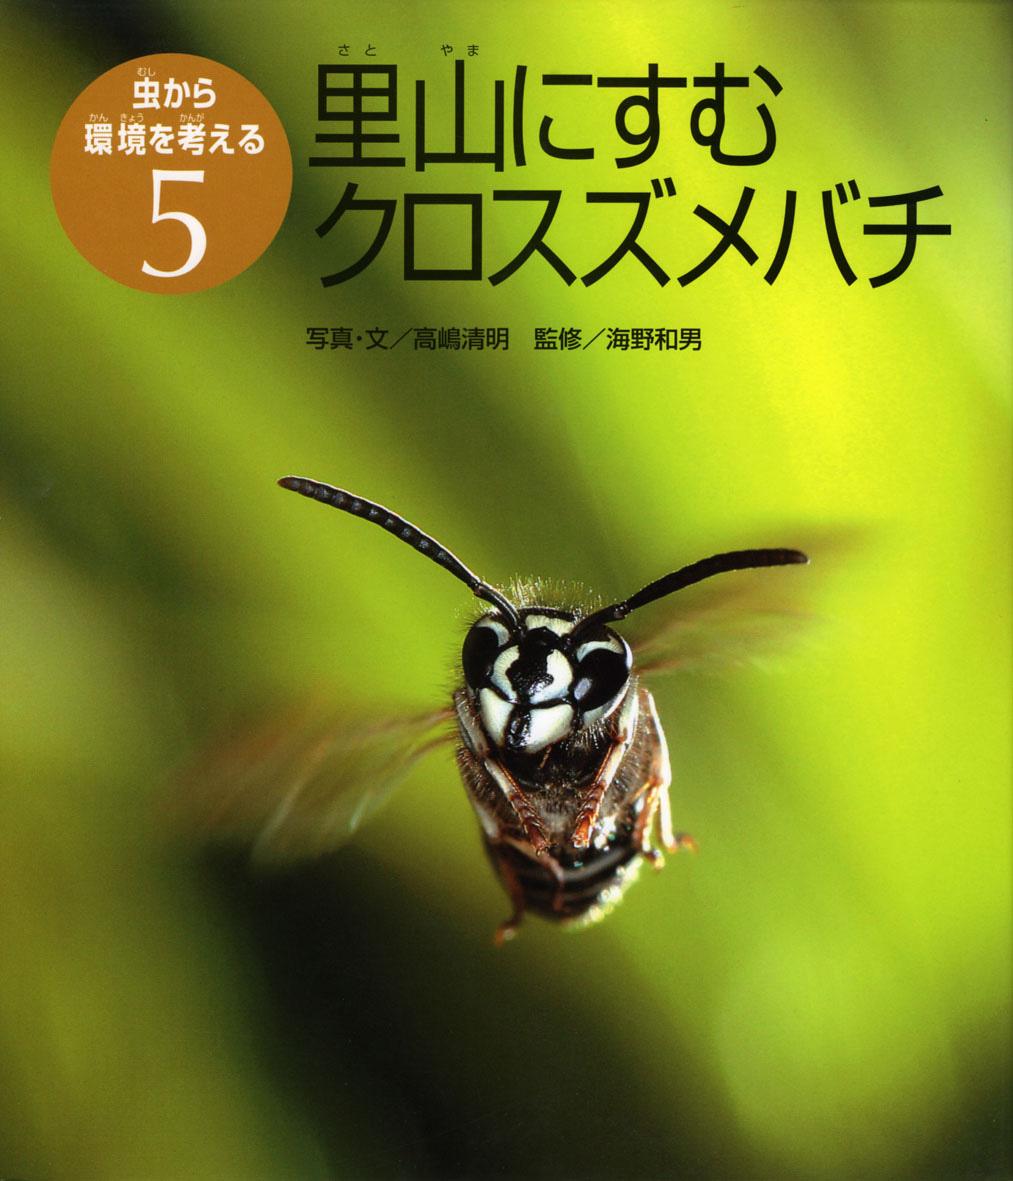 里山にすむクロスズメバチ